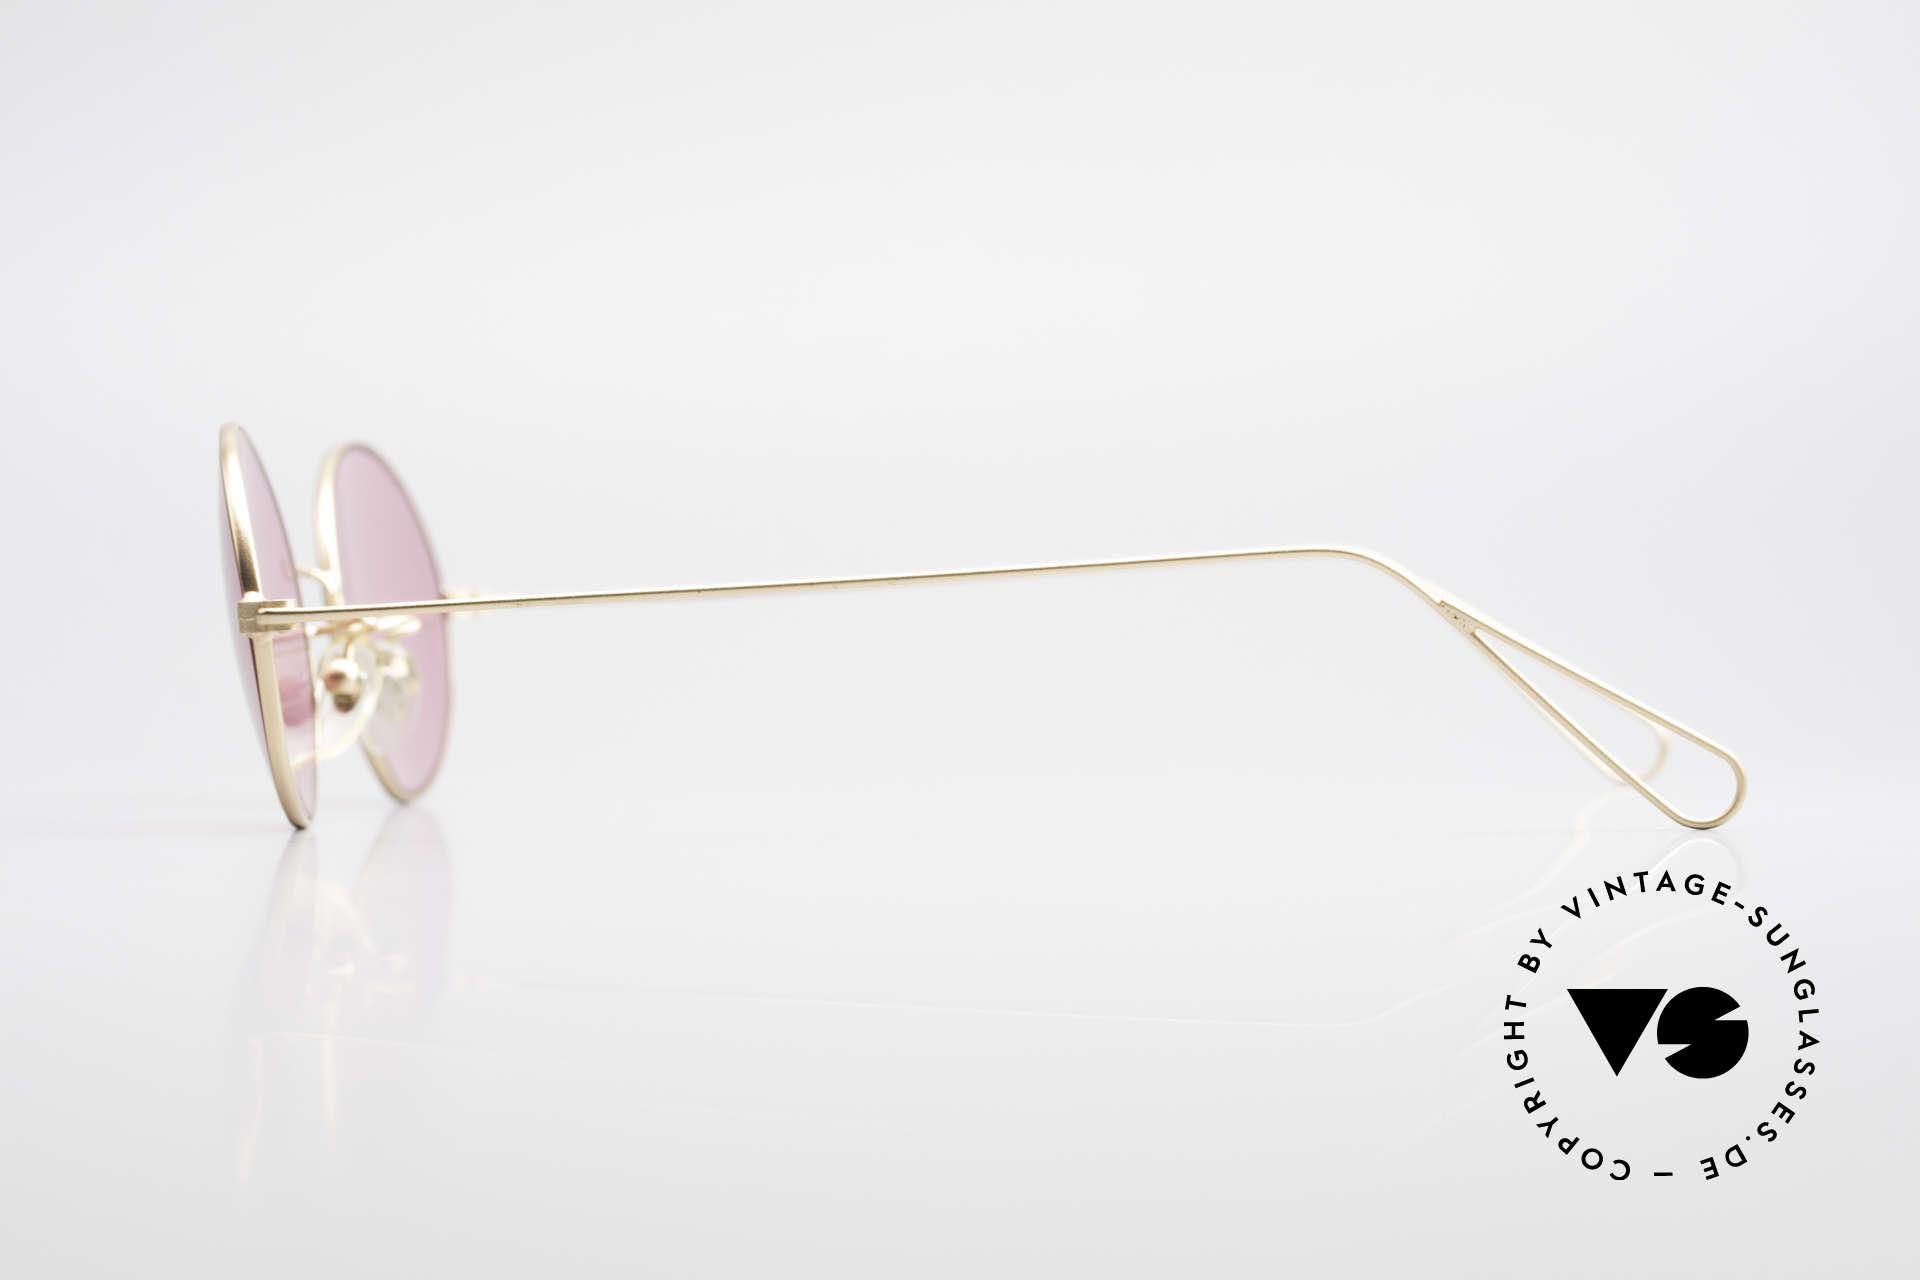 Cutler And Gross 0305 Ovale Sonnenbrille Vintage, Materialien und deren Verarbeitung auf Spitzen-Niveau, Passend für Herren und Damen